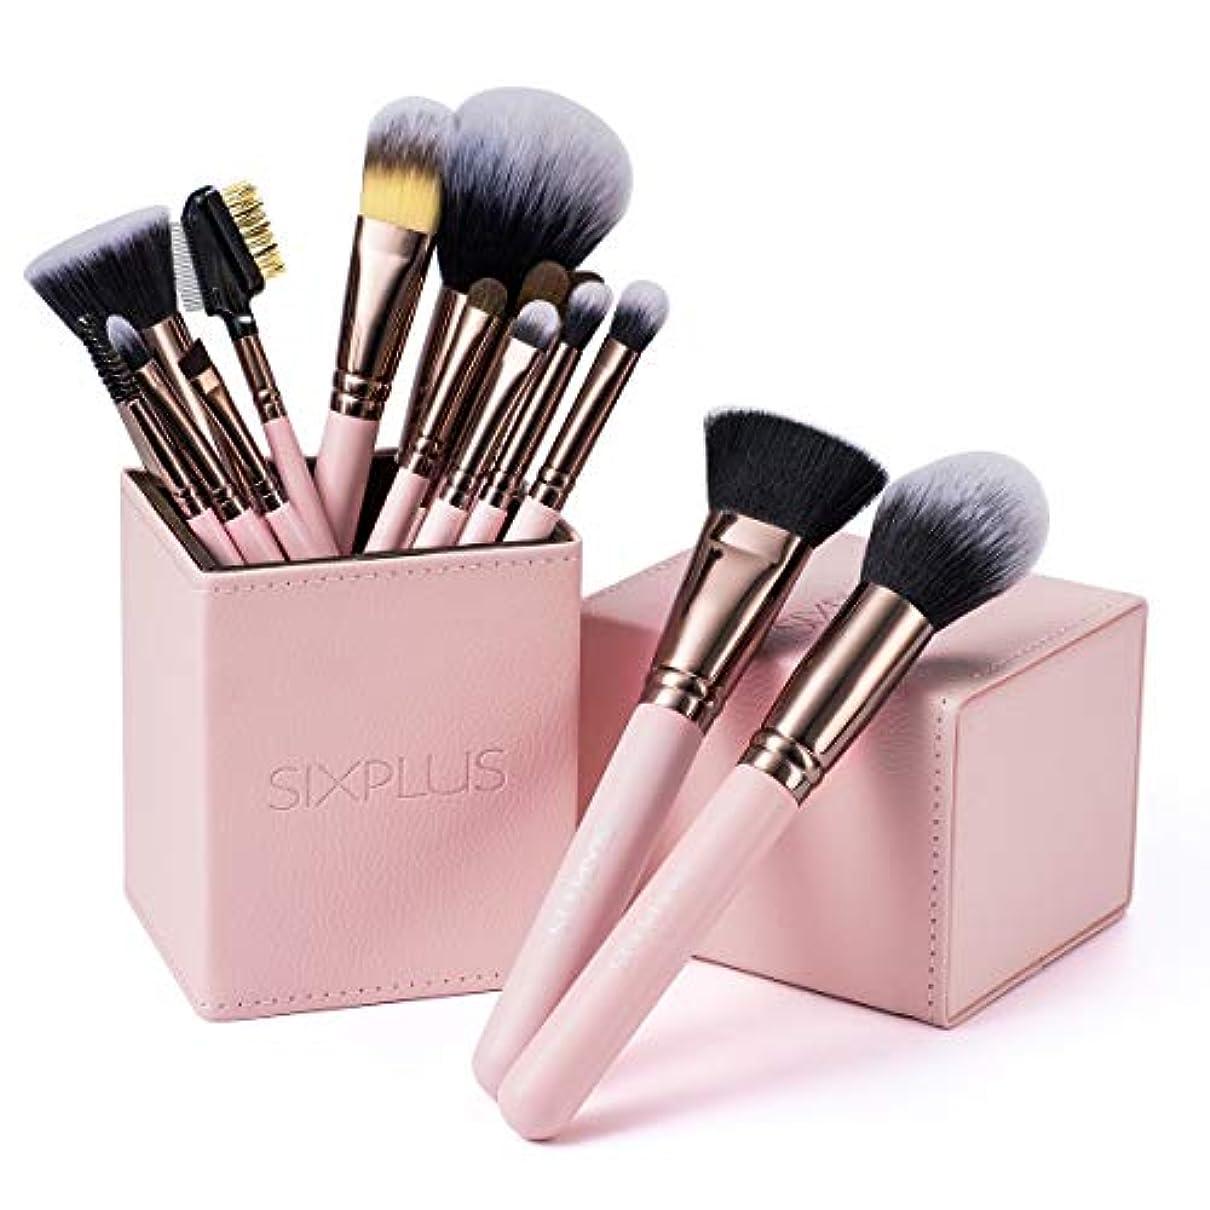 メディカルバルーン不利益SIXPLUS ロマンチックなピンク色 メイクブラシ 15本セット(ピンク色)